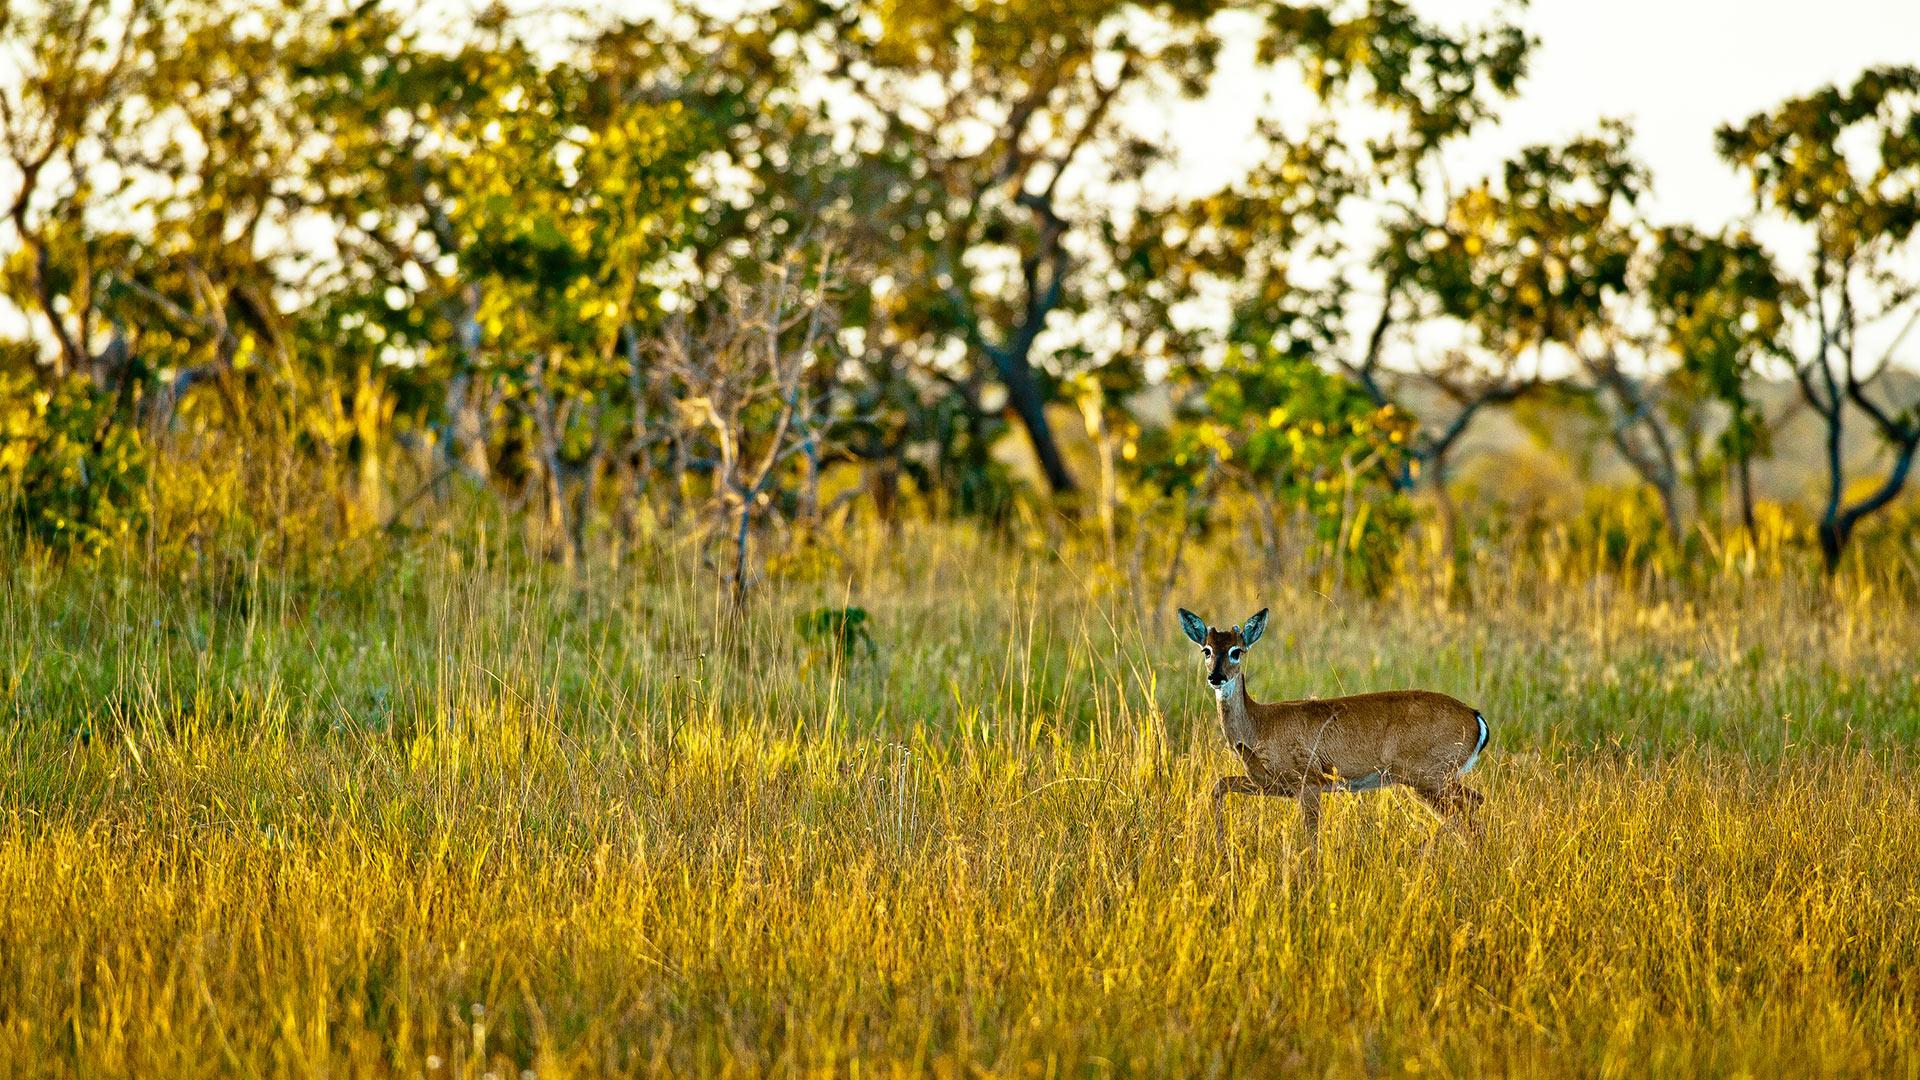 Cerrado: Wertvolle Biodiversität